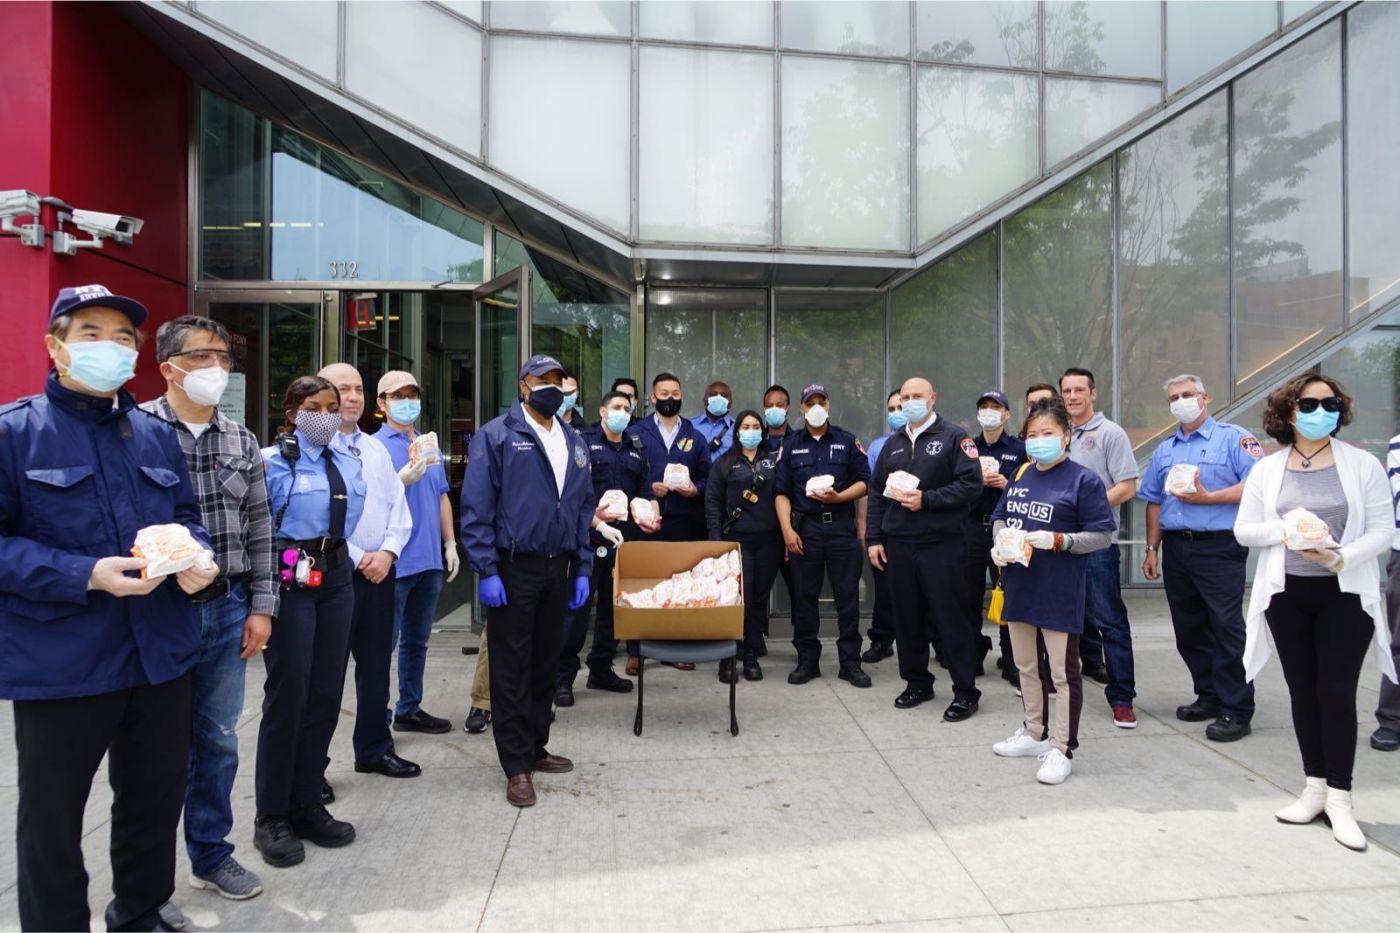 紐約華人僑團及企業家獻愛心捐贈防護物资給市消防局协助抗擊COVID-19疫情 ... ... ... ..._图1-2